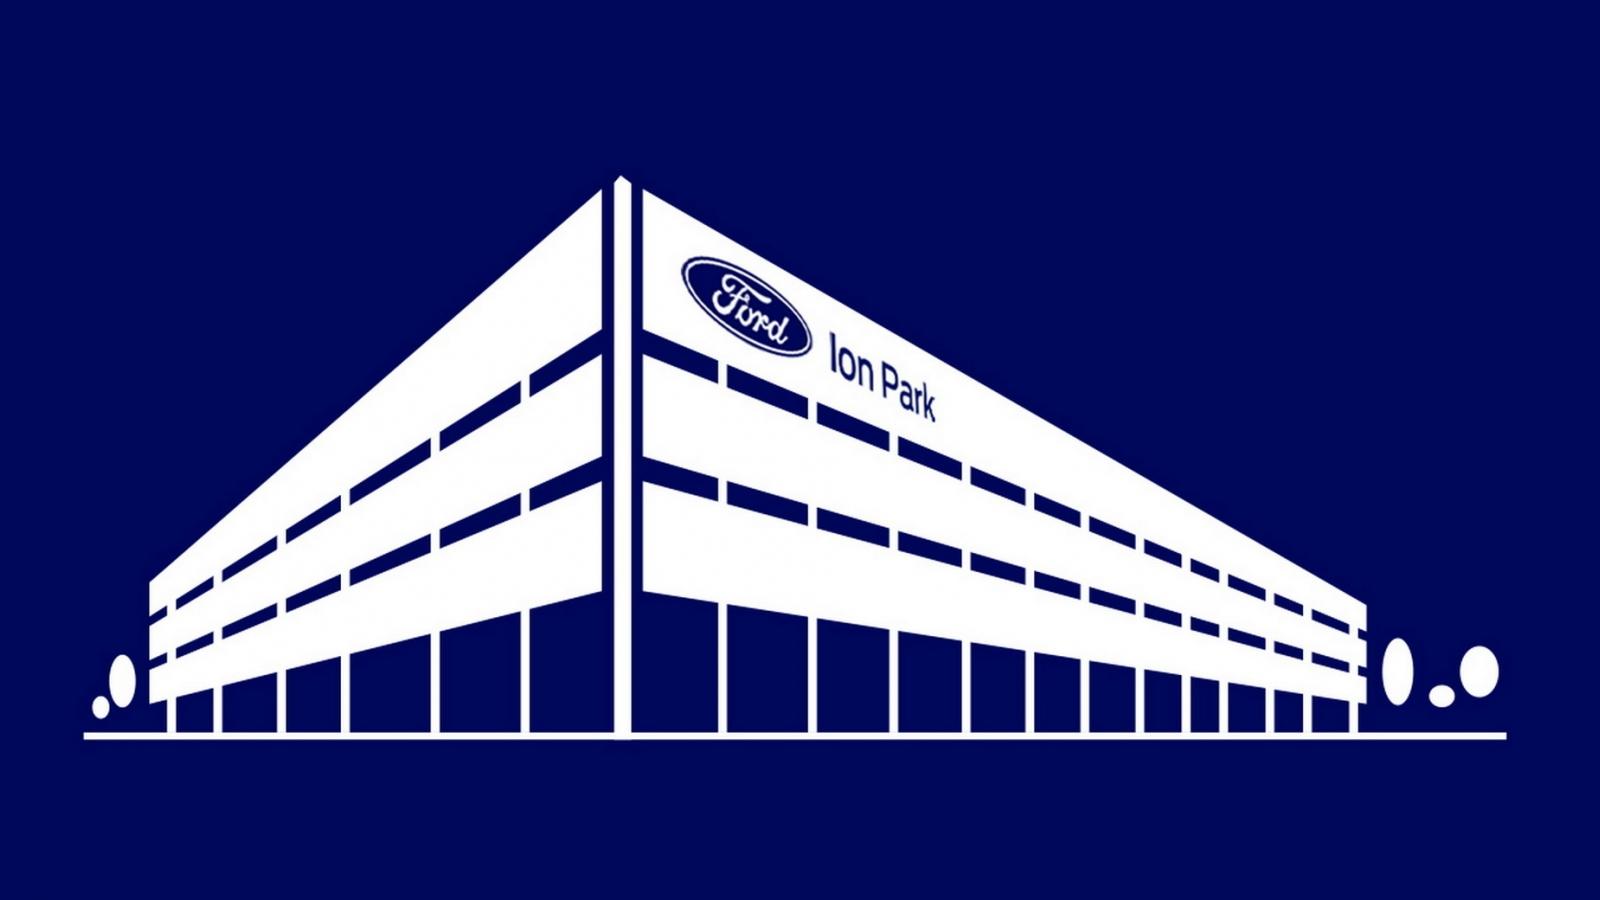 Trung tâm phát triển pin mới của Ford